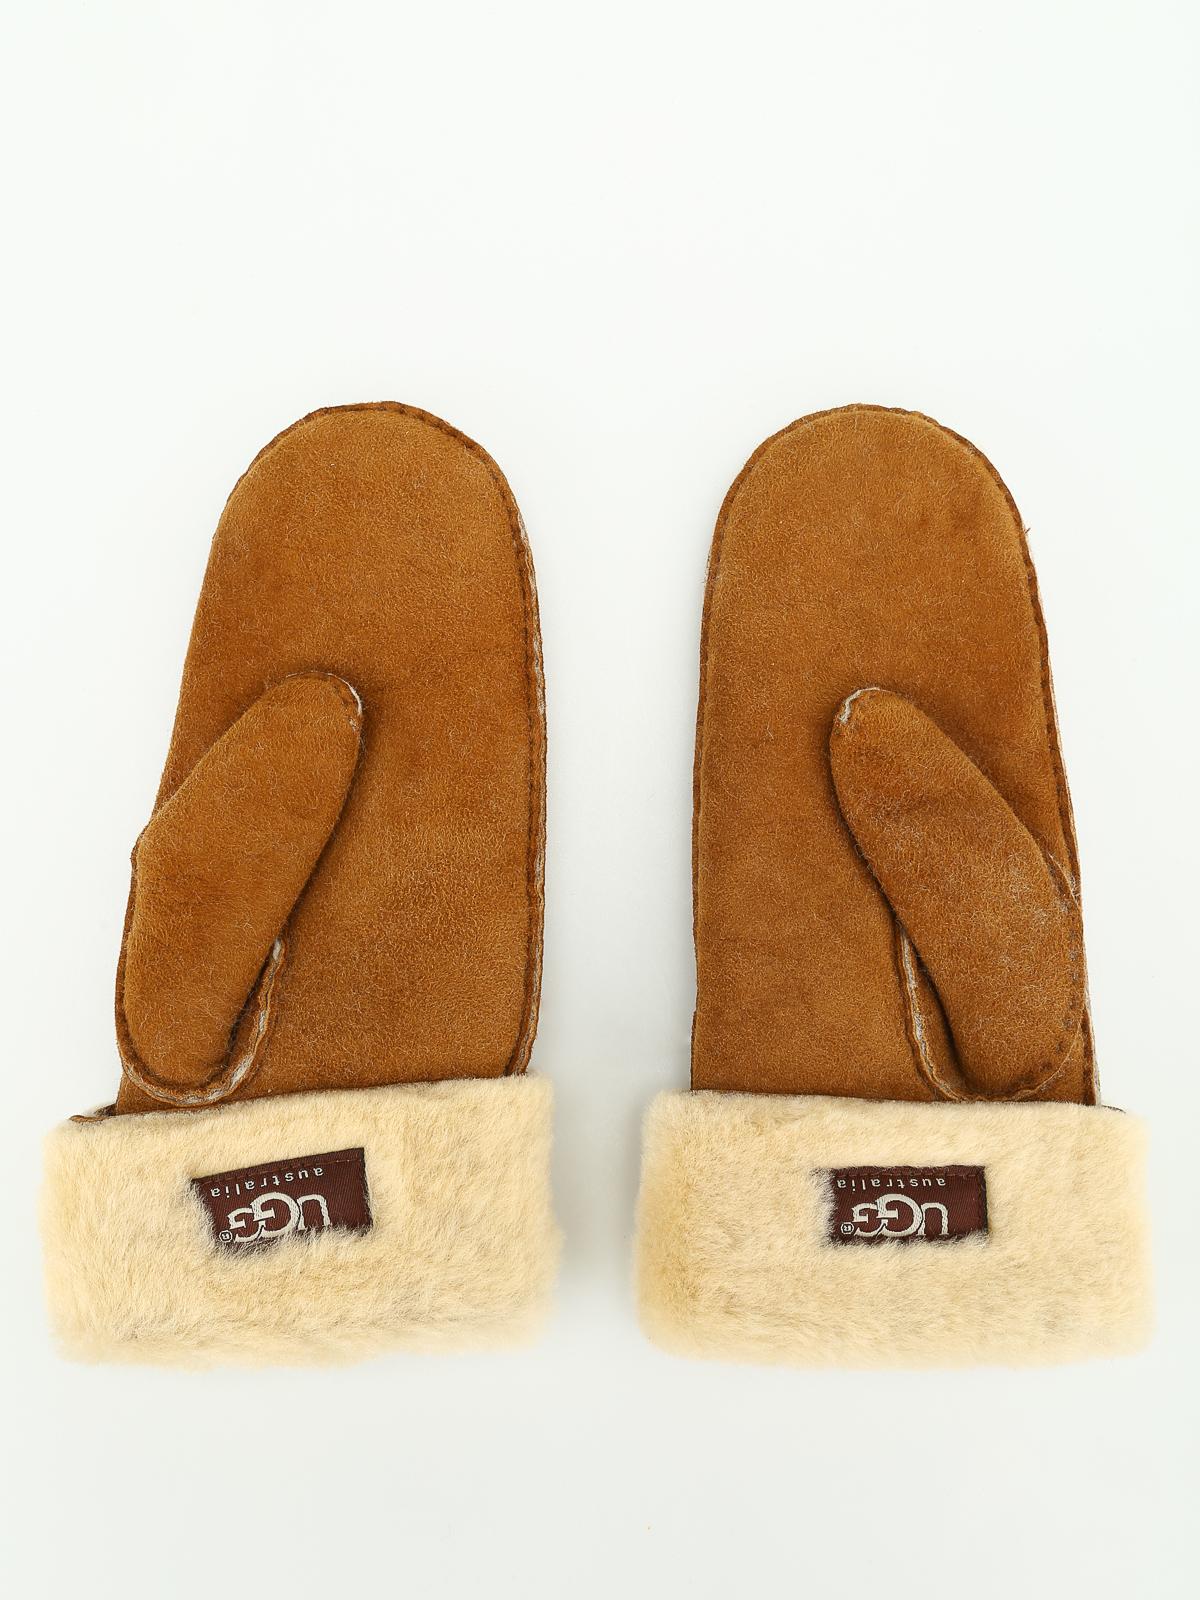 dcaa6a96550 Ugg - Shearling mittens - gloves - U1001 CHESTNUT | Shop online at iKRIX